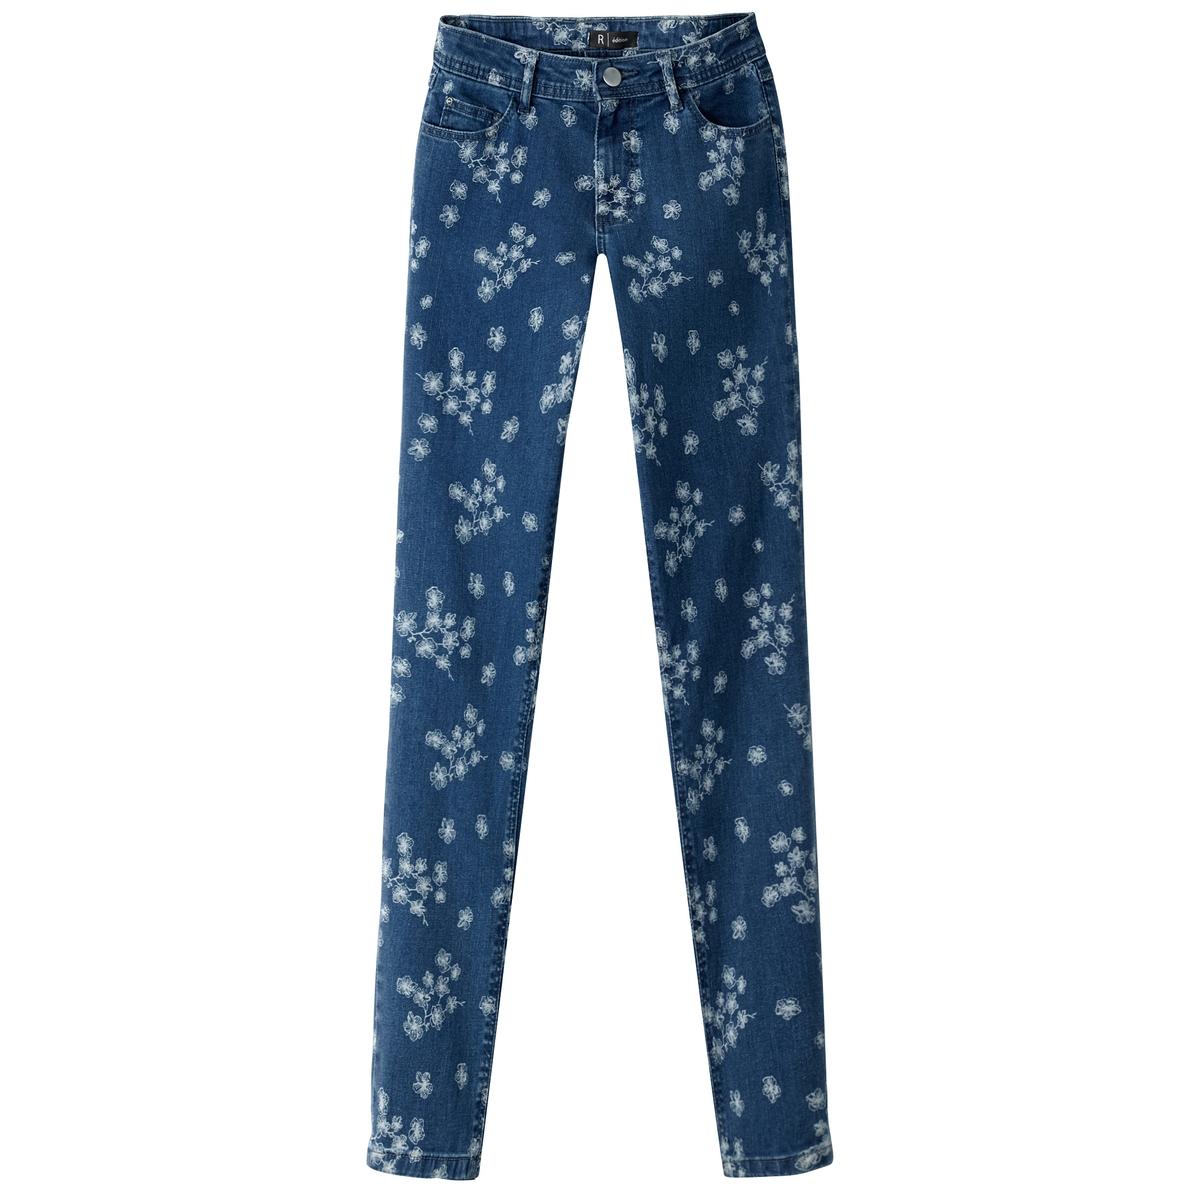 Джинсы-скинни с цветочным рисунком джинсы узкие скинни с вышивкой для 10 16 лет